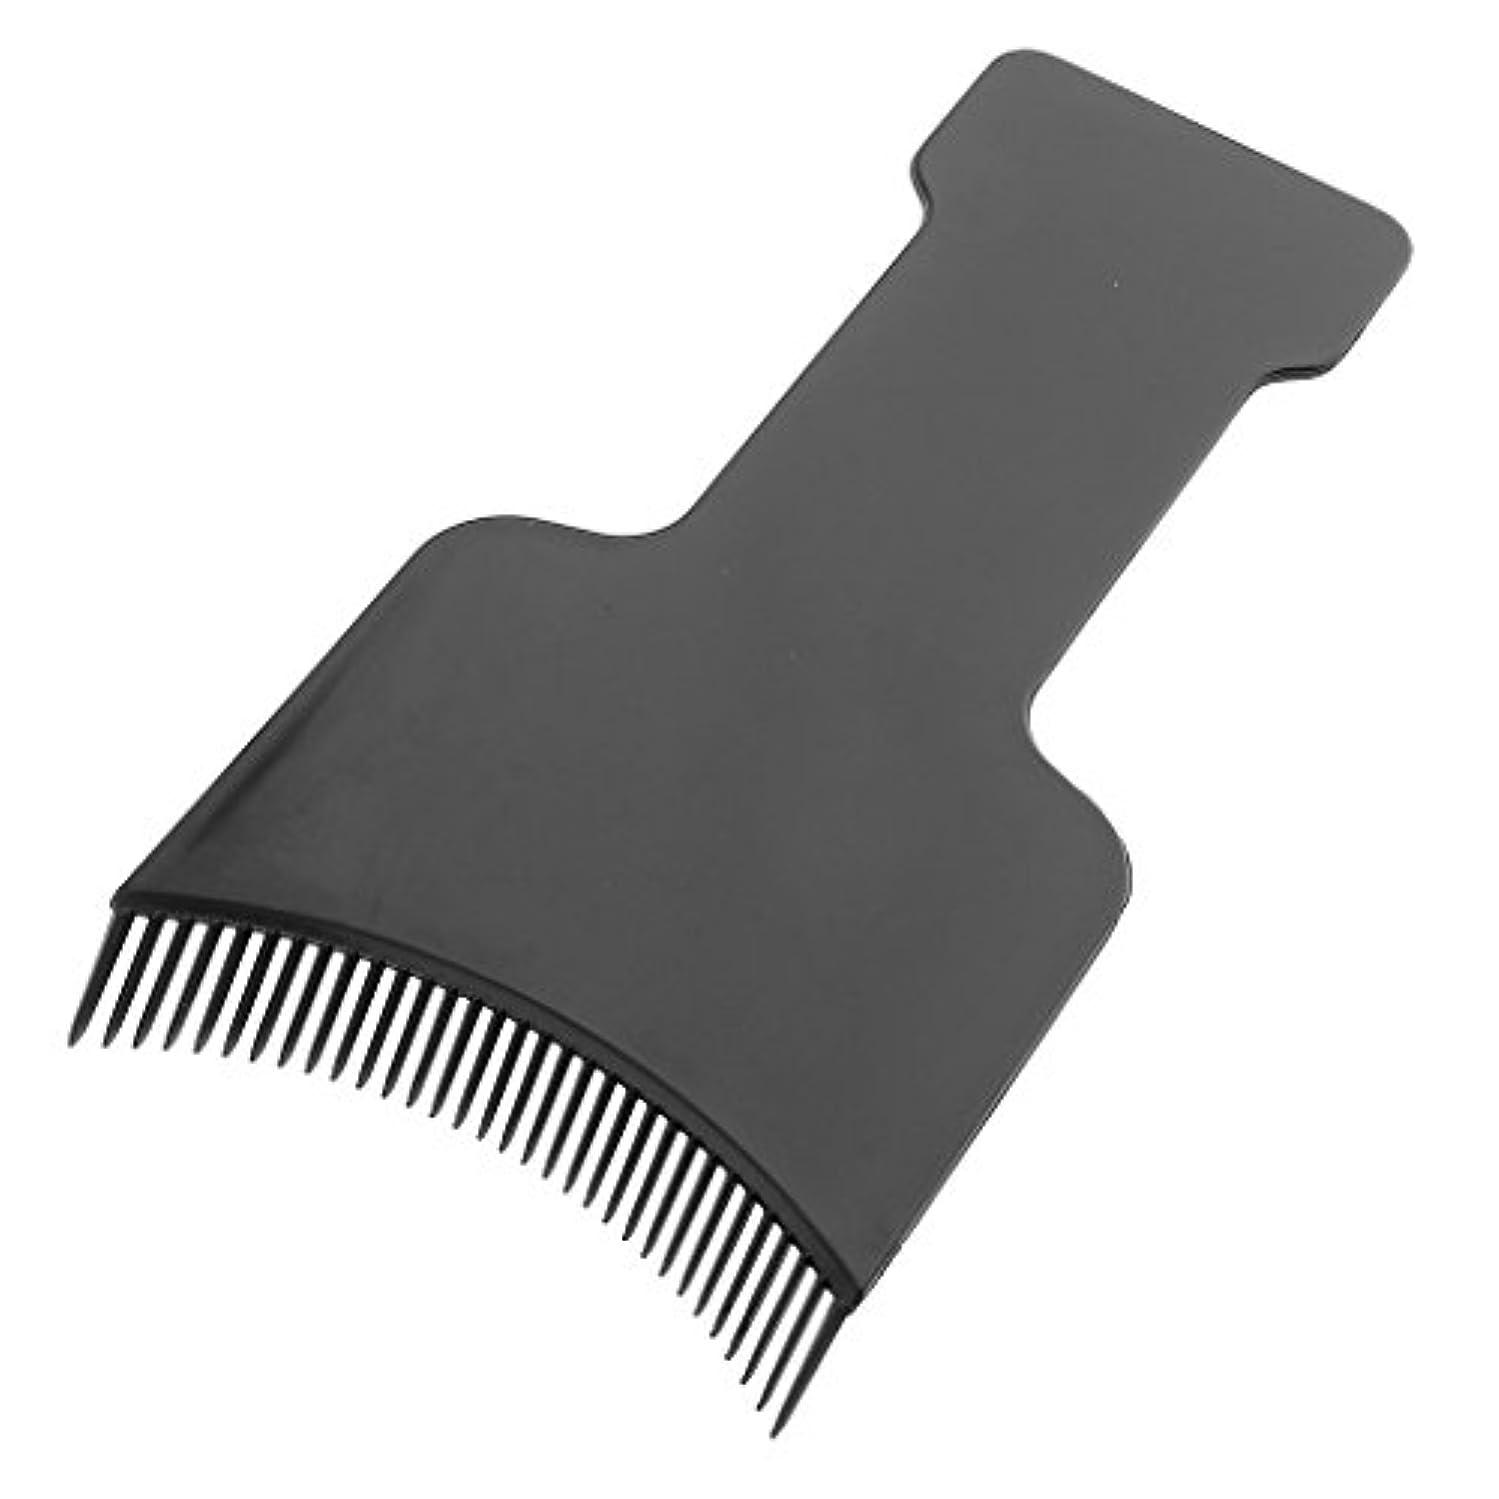 Blesiya 染色ティントプレート ヘアカラー ボード 美容 ヘア ツール 髪 保護 ブラック 実用 便利 全4サイズ  - S